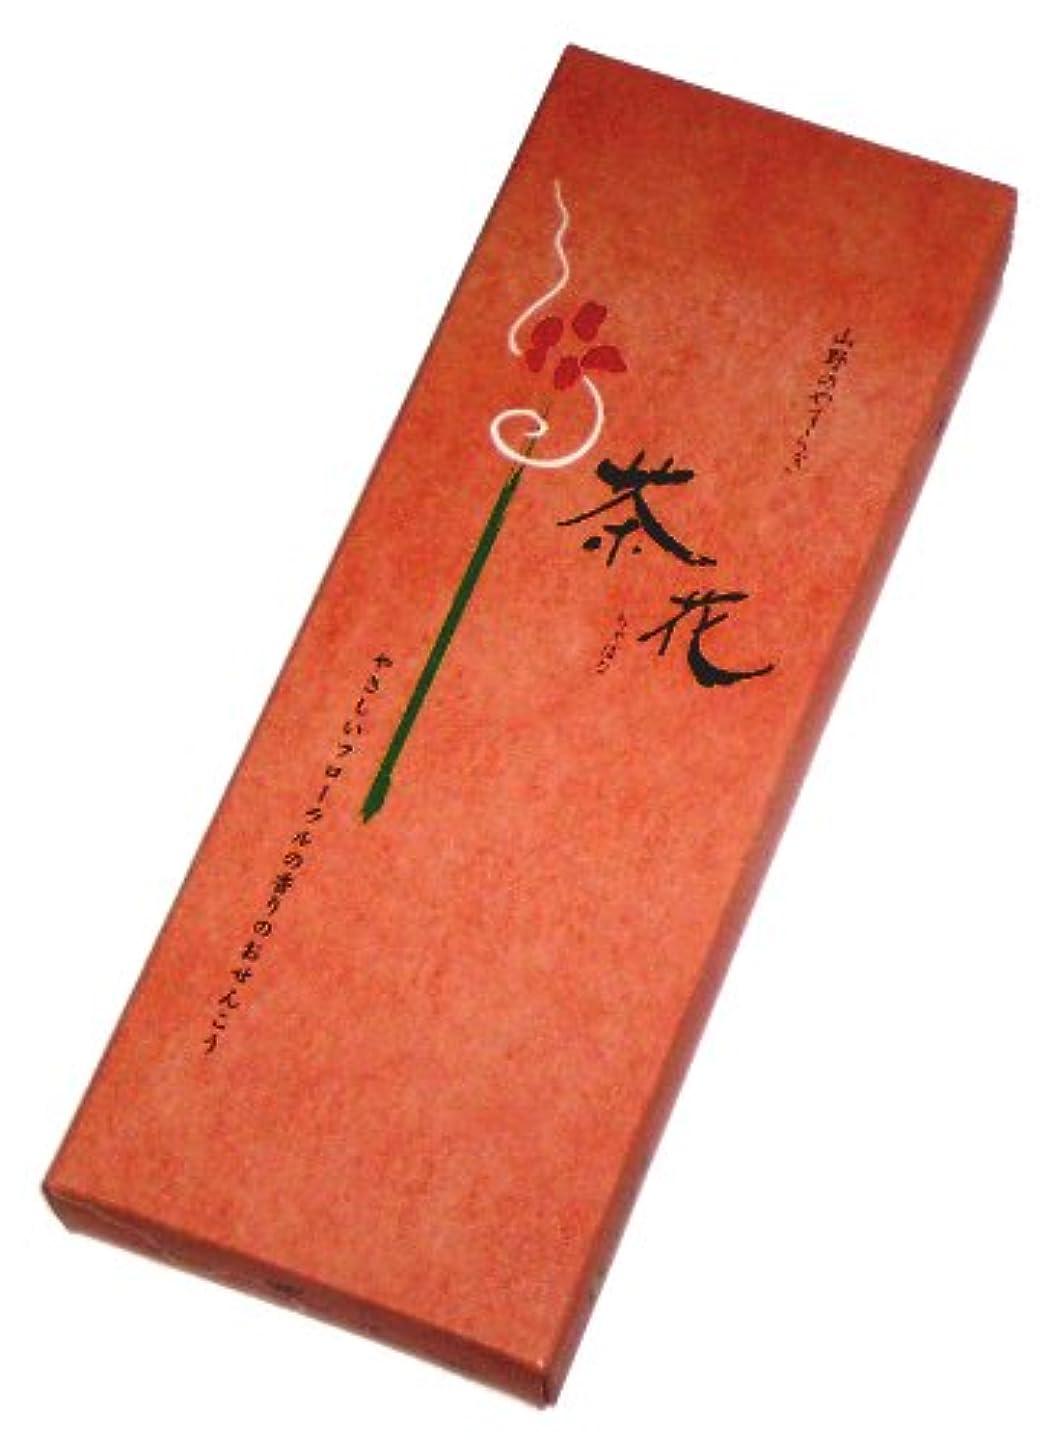 世代細心の申し立てられた尚林堂のお線香 茶花 有煙 長寸バラ